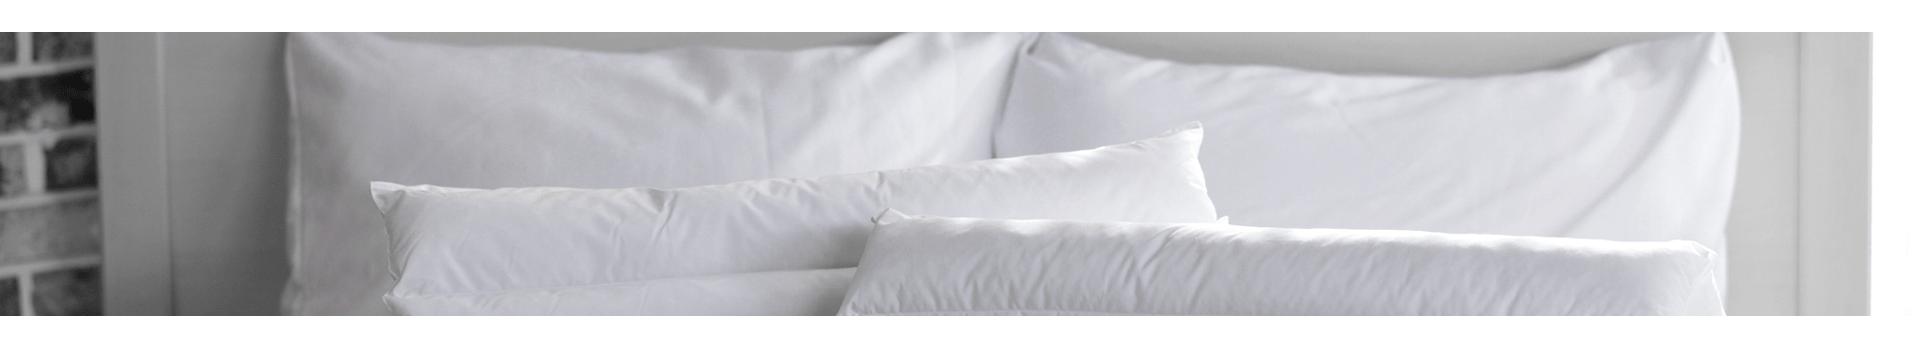 Almohadas | Descanso | Mobelfy ®